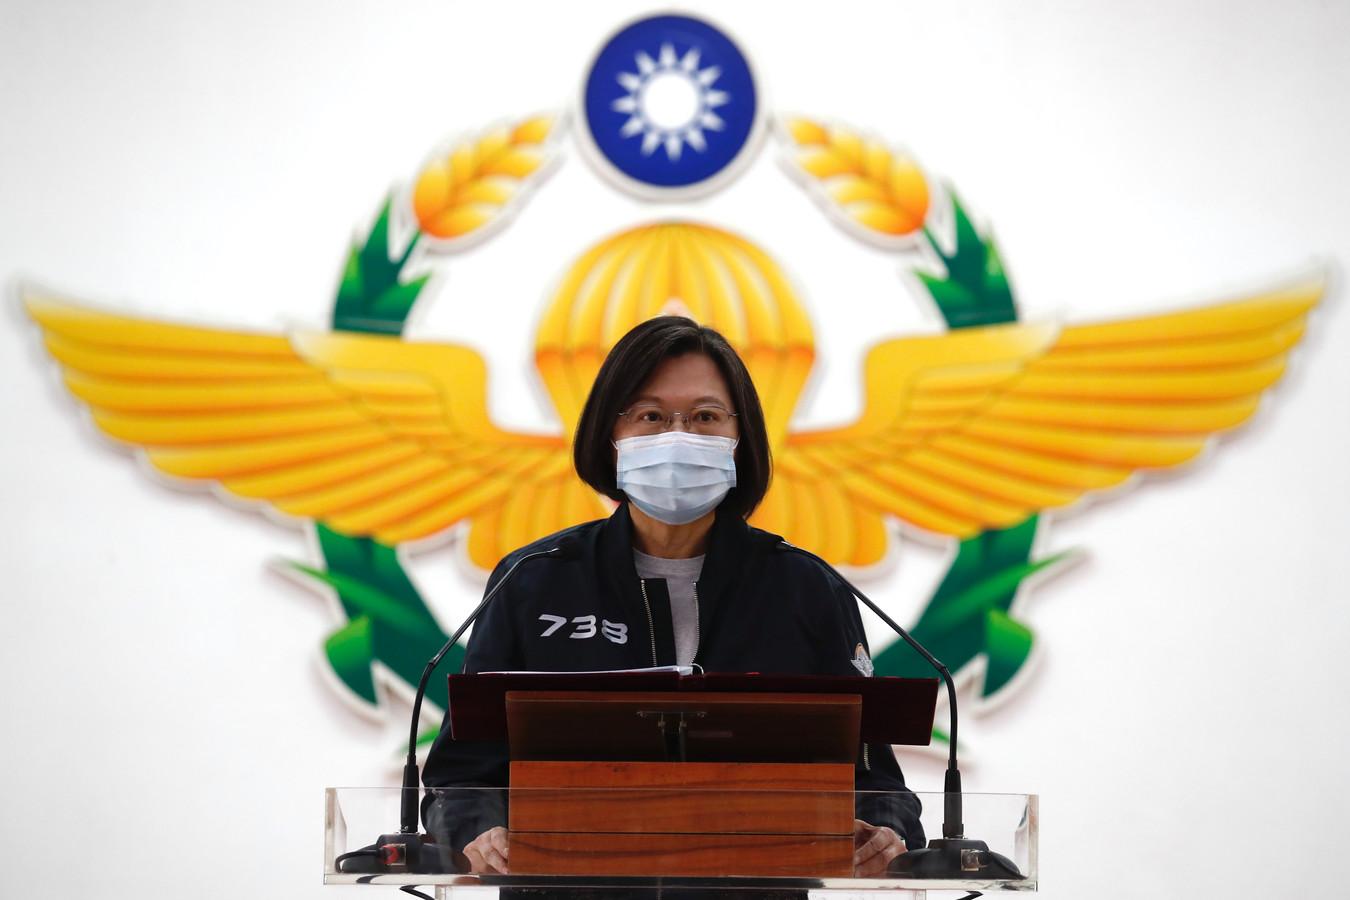 La présidente taïwanaise Tsai Ing-wen. Son parti milite traditionnellement pour l'indépendance formelle de l'île.